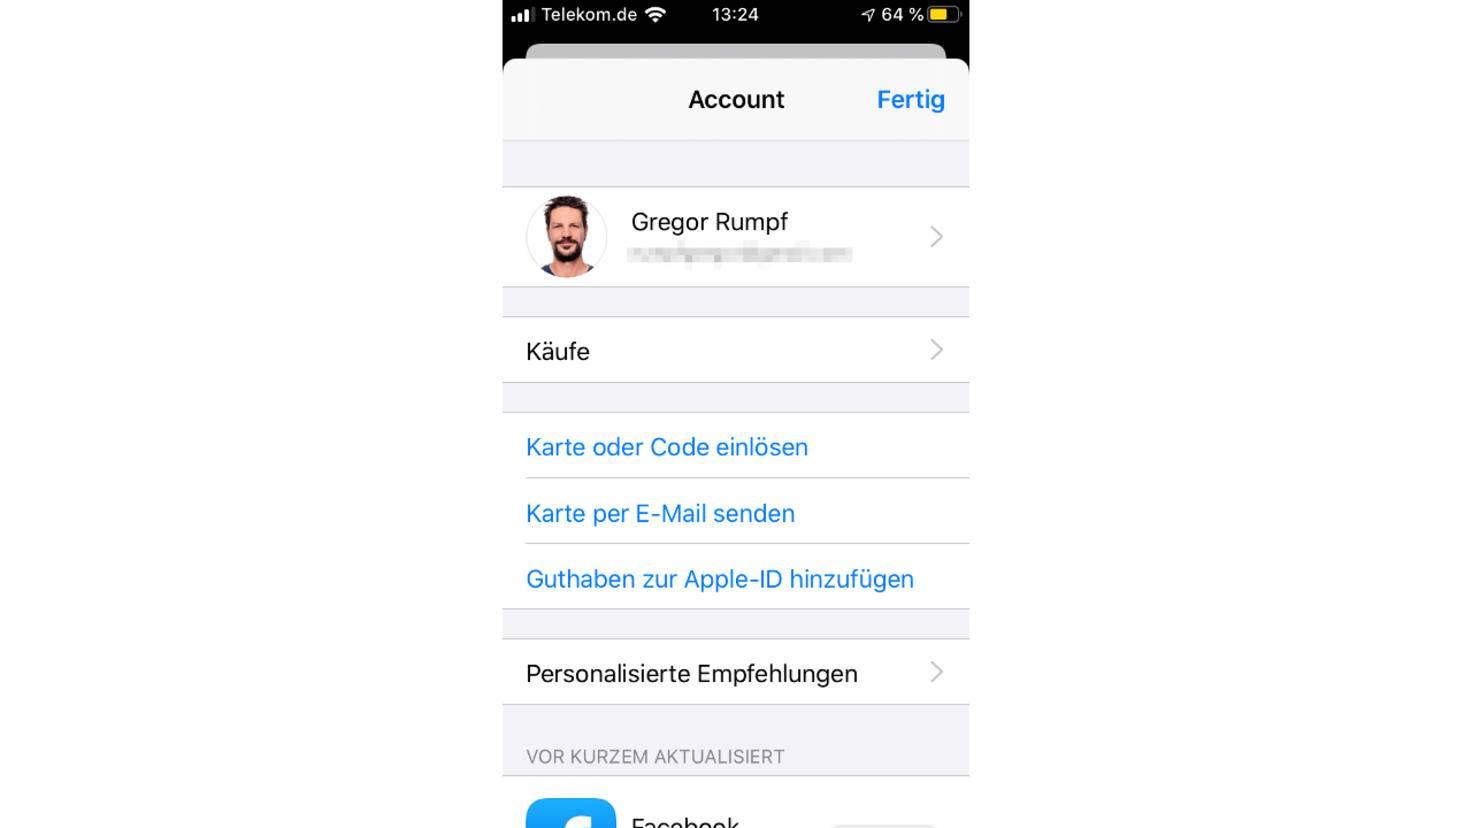 App-Updates iOS 13